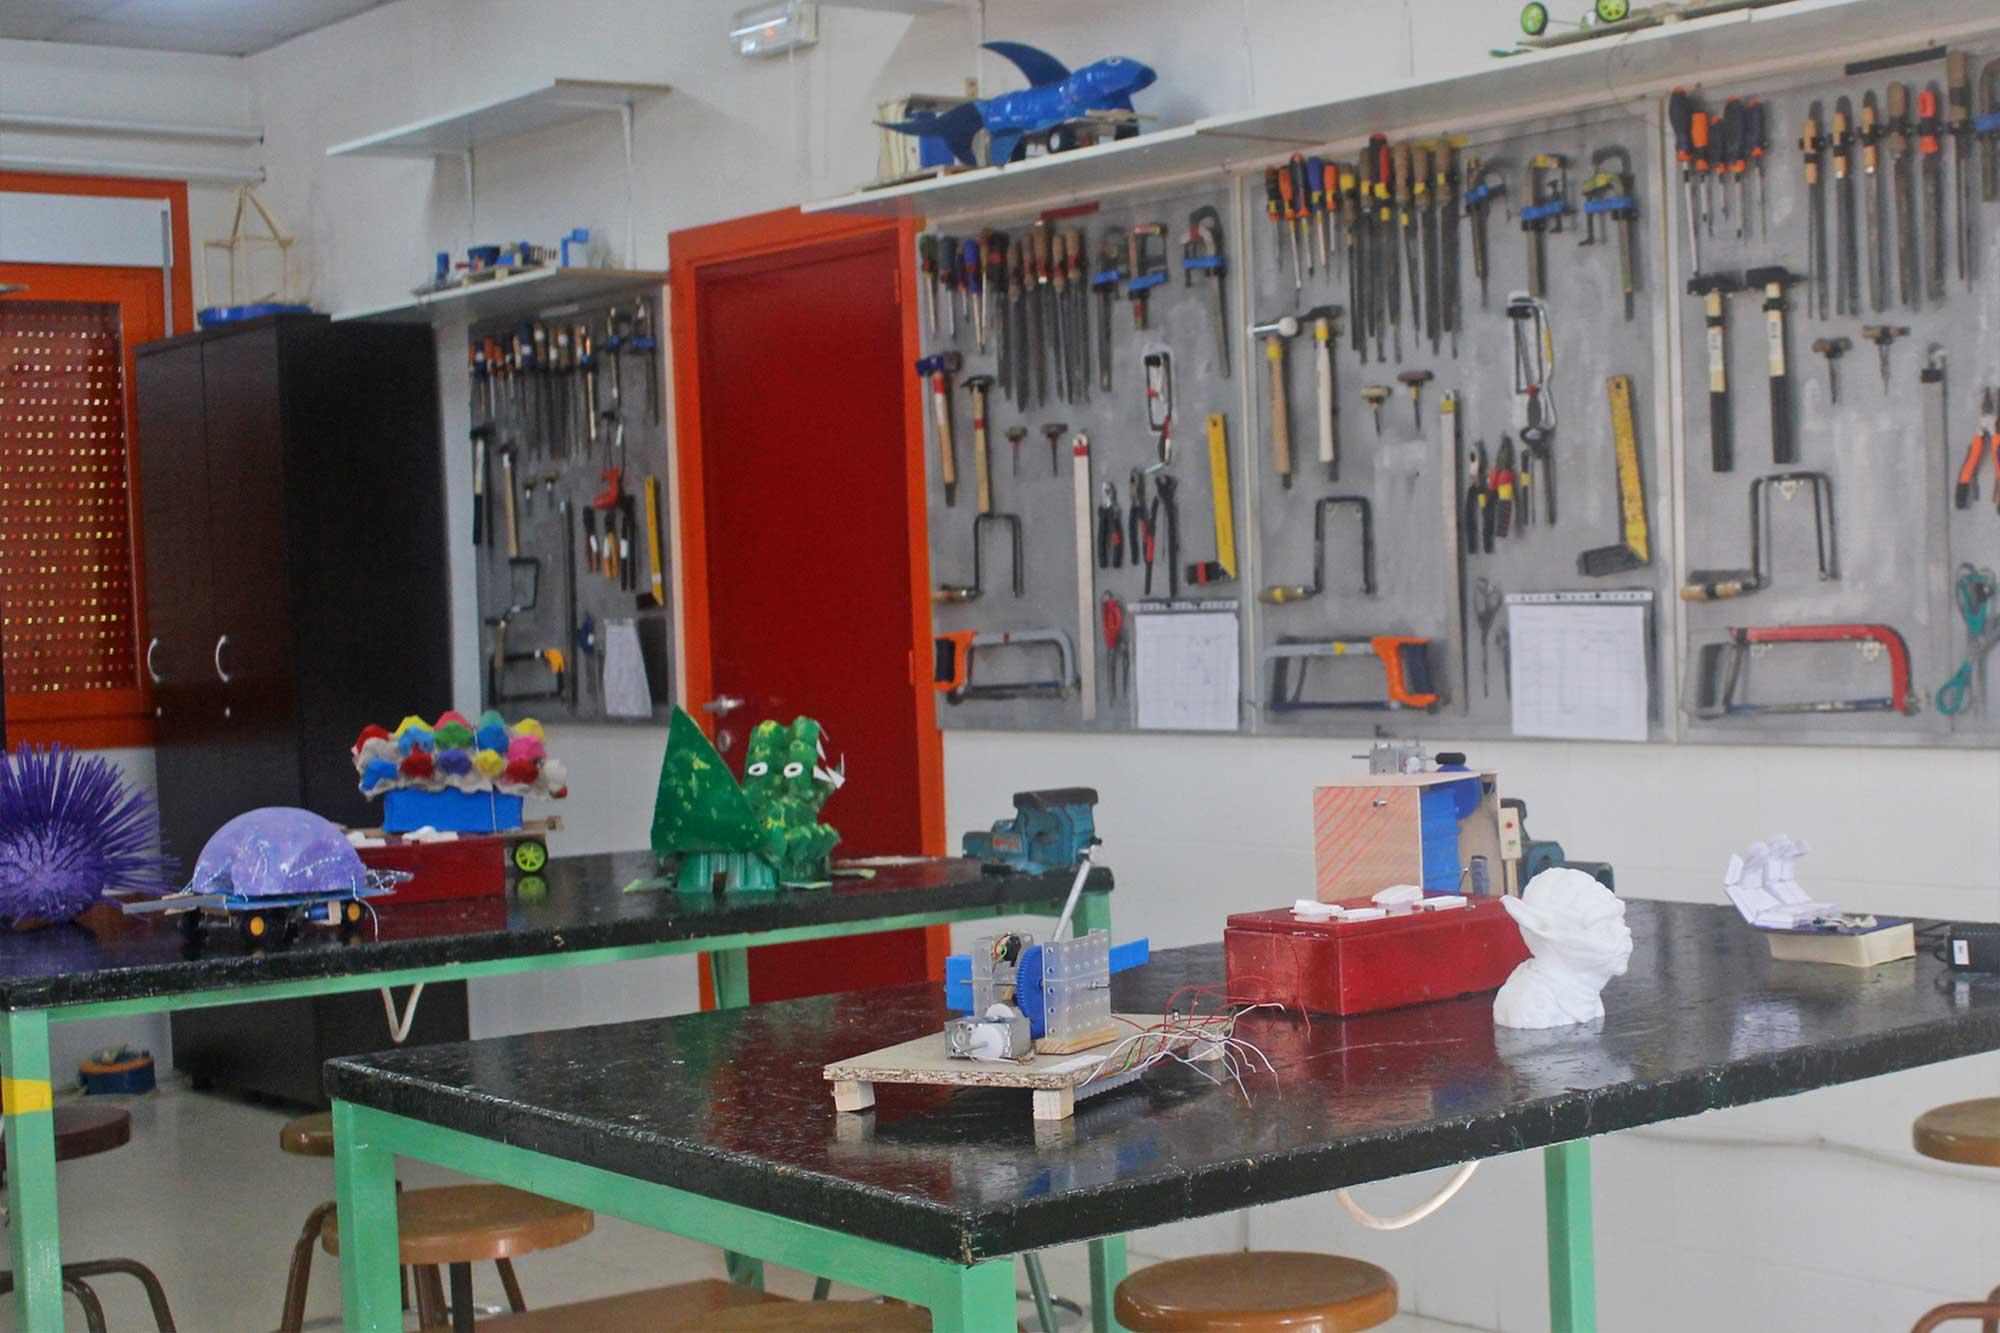 Laboratorio de tecnología y robótica IES Las Rozas 1